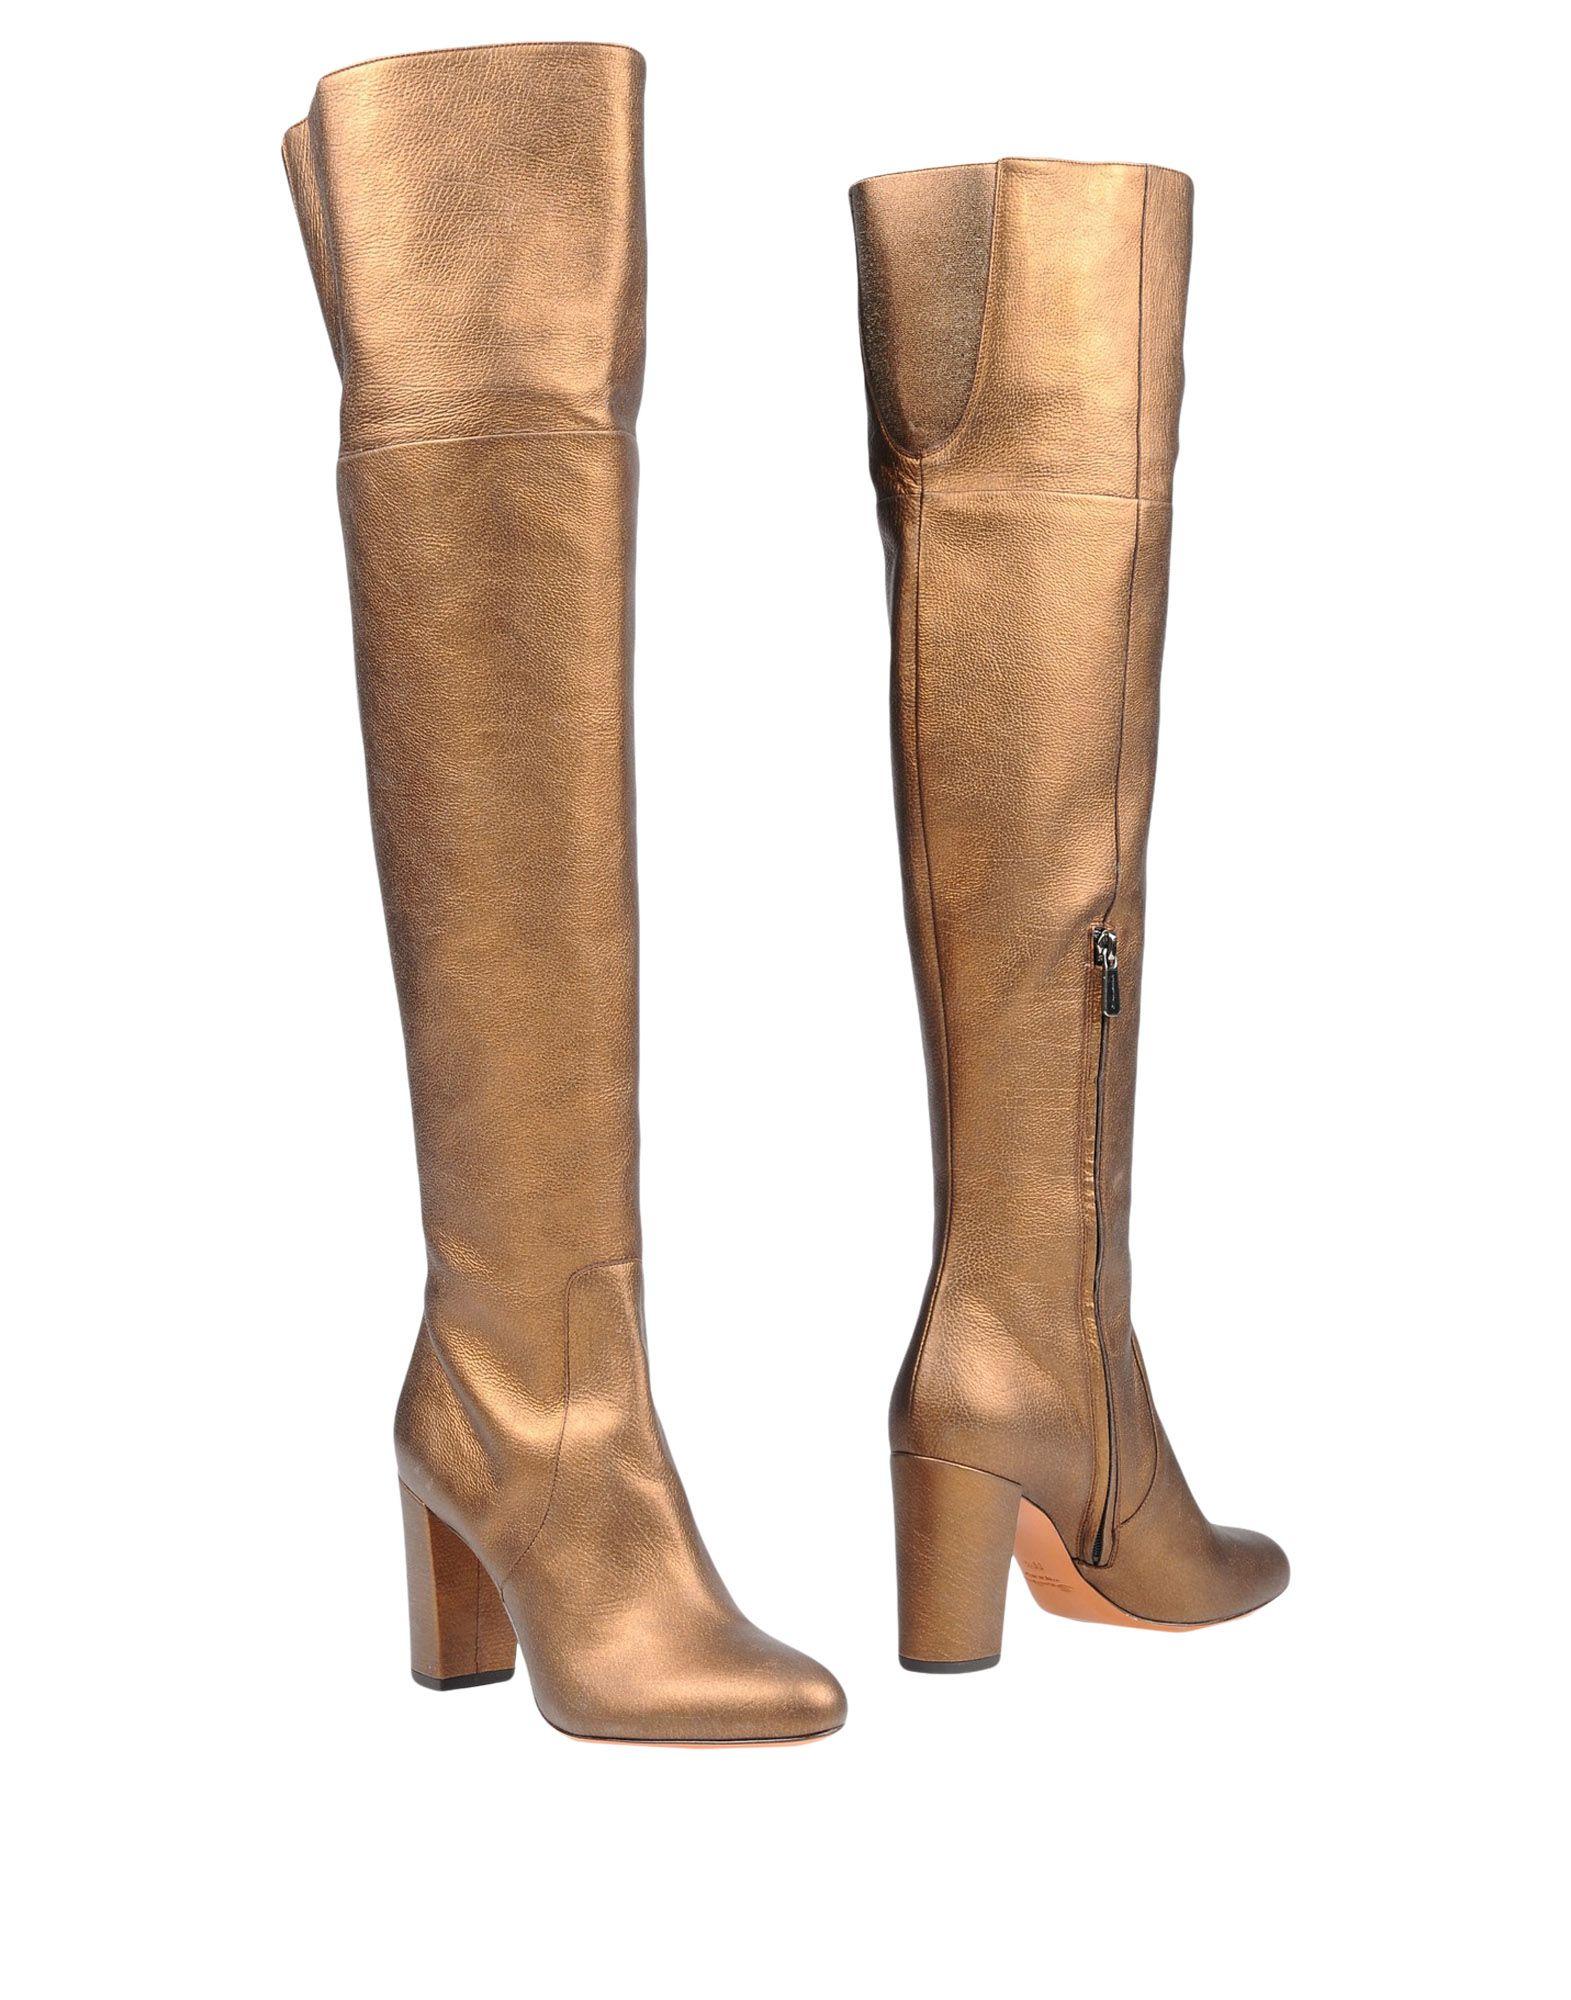 Santoni Boots - on Women Santoni Boots online on -  United Kingdom - 11478401AR 3c875f